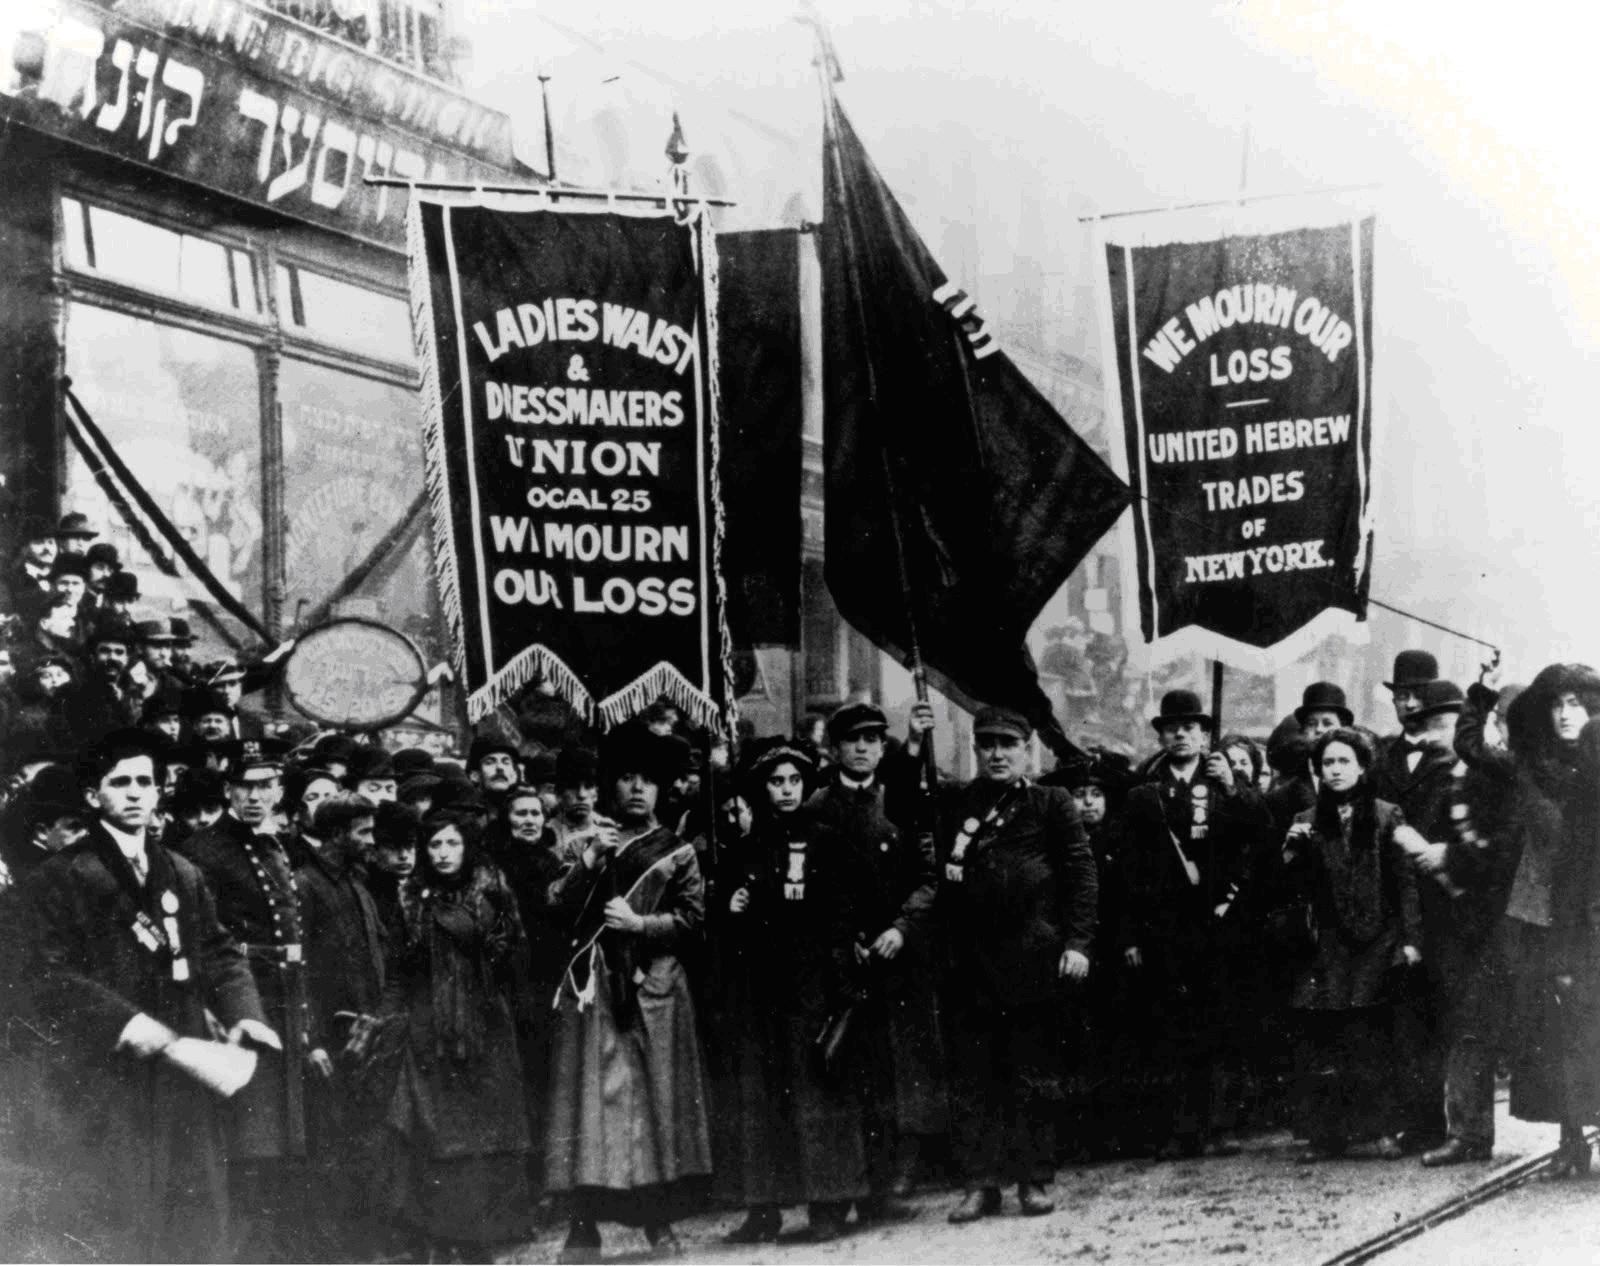 Imagem do protesto pelas vítimas do incêndio, em 1911.